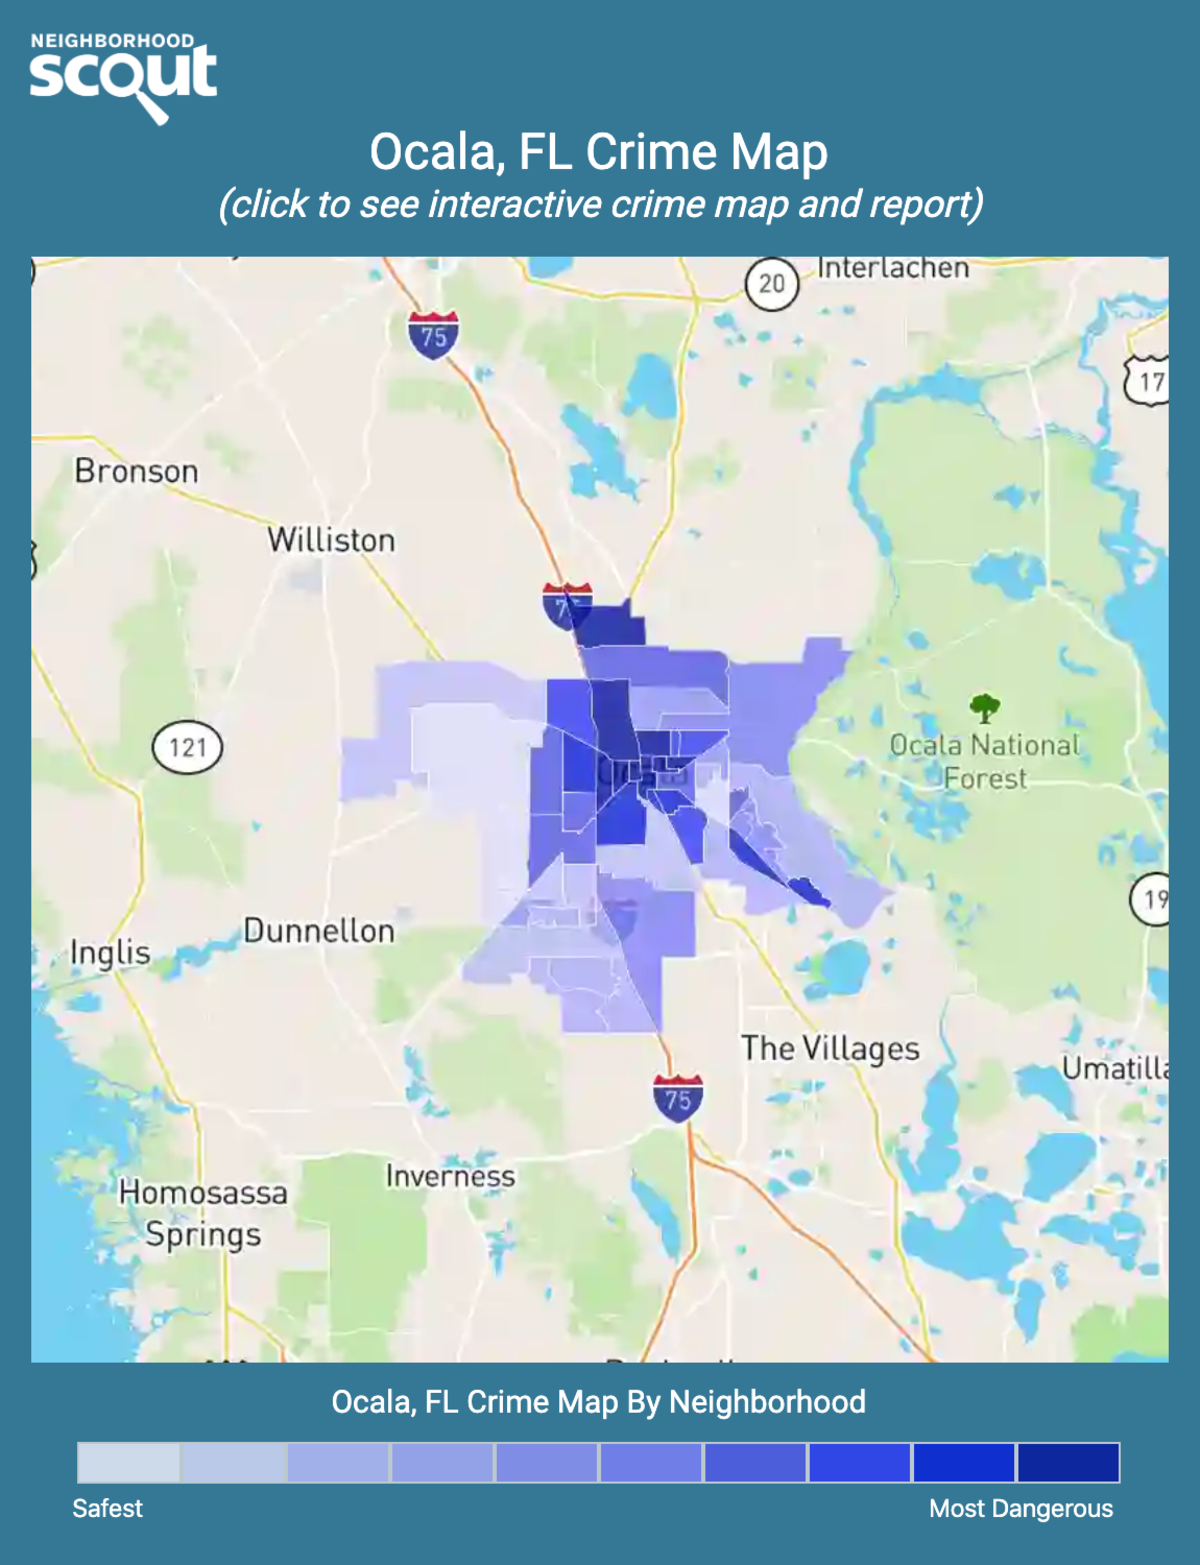 Ocala, Florida crime map